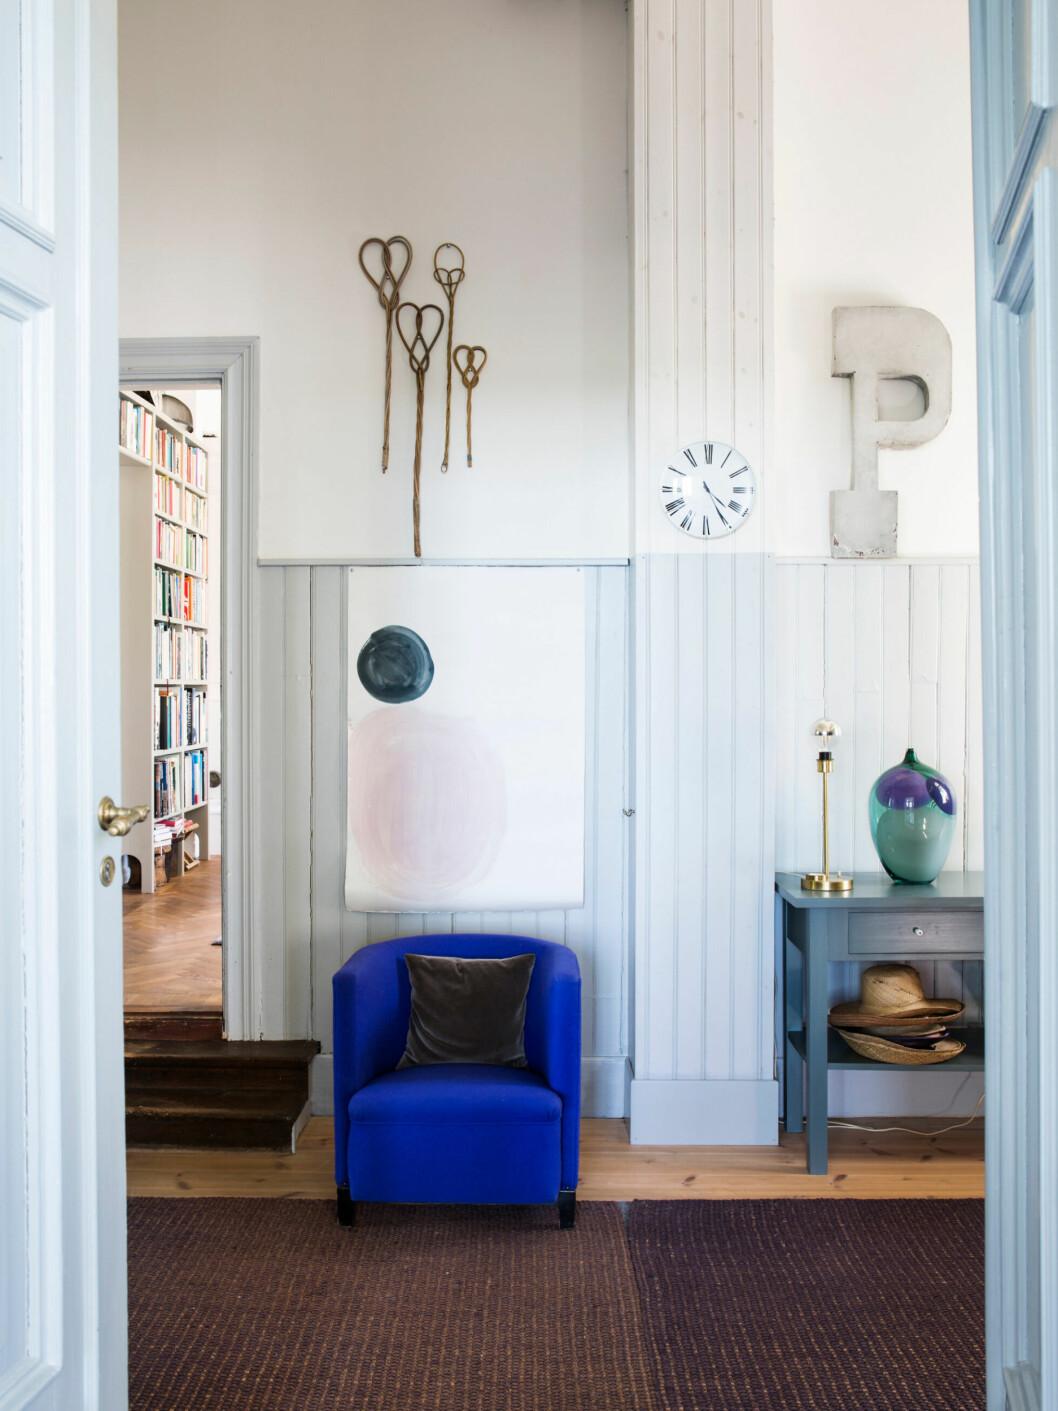 Koboltblå fåtölj, unika inredningsdetaljer och ljusa kulörer hemma hos glaskonstnären Gunnel Sahlin